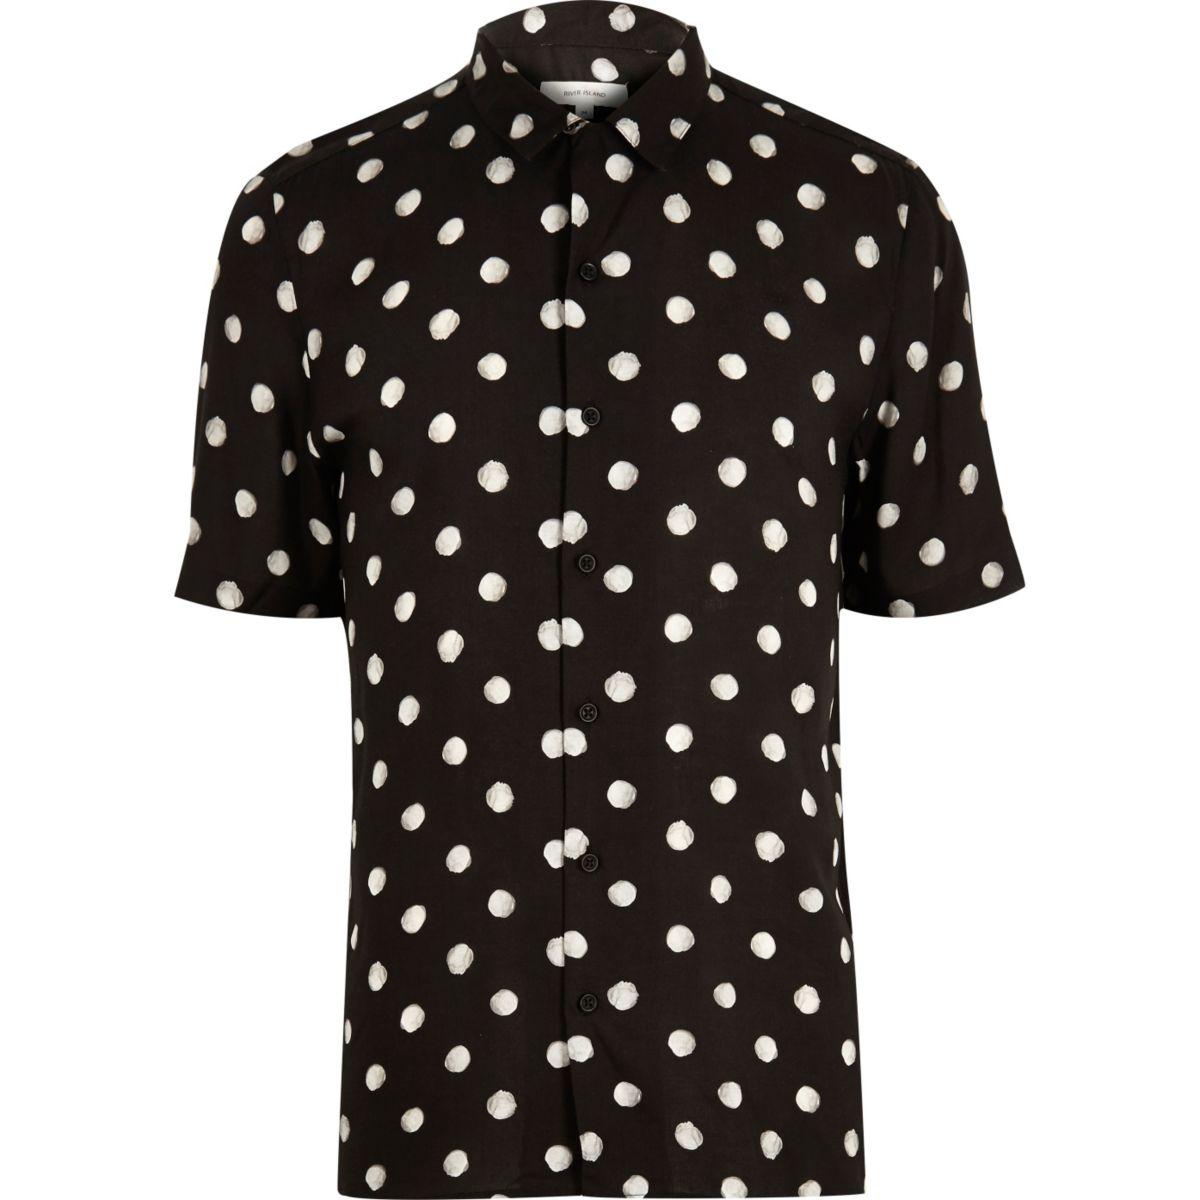 Zwart gestippeld overhemd met korte mouwen